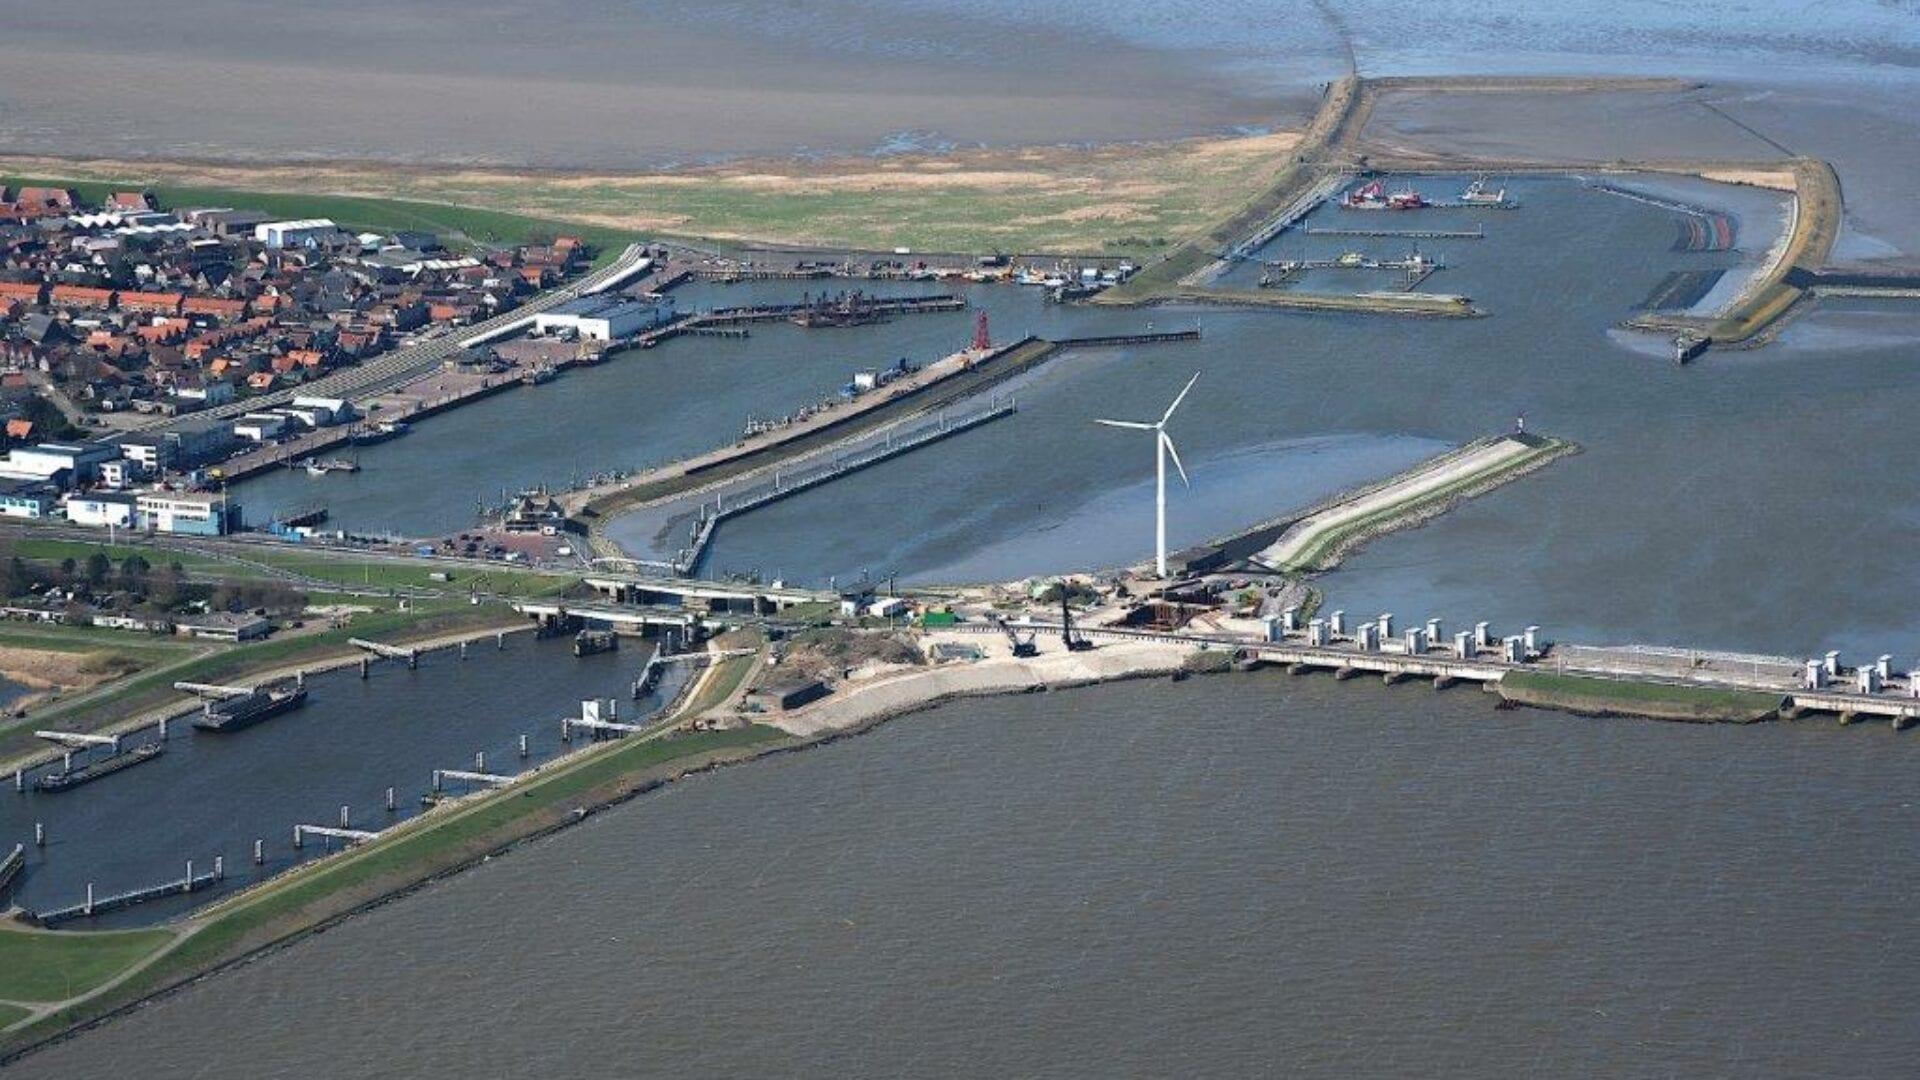 Luchtfoto van de Afsluitdijk en Den Oever. Wij zien aan de linkerkant een aantal huizen van boven. Vanaf die kant loopt de Afsluitdijk naar rechts. Je ziet een weg door het water lopen. Aan beide kanten zie je sluizen en landstroken in het water liggen.